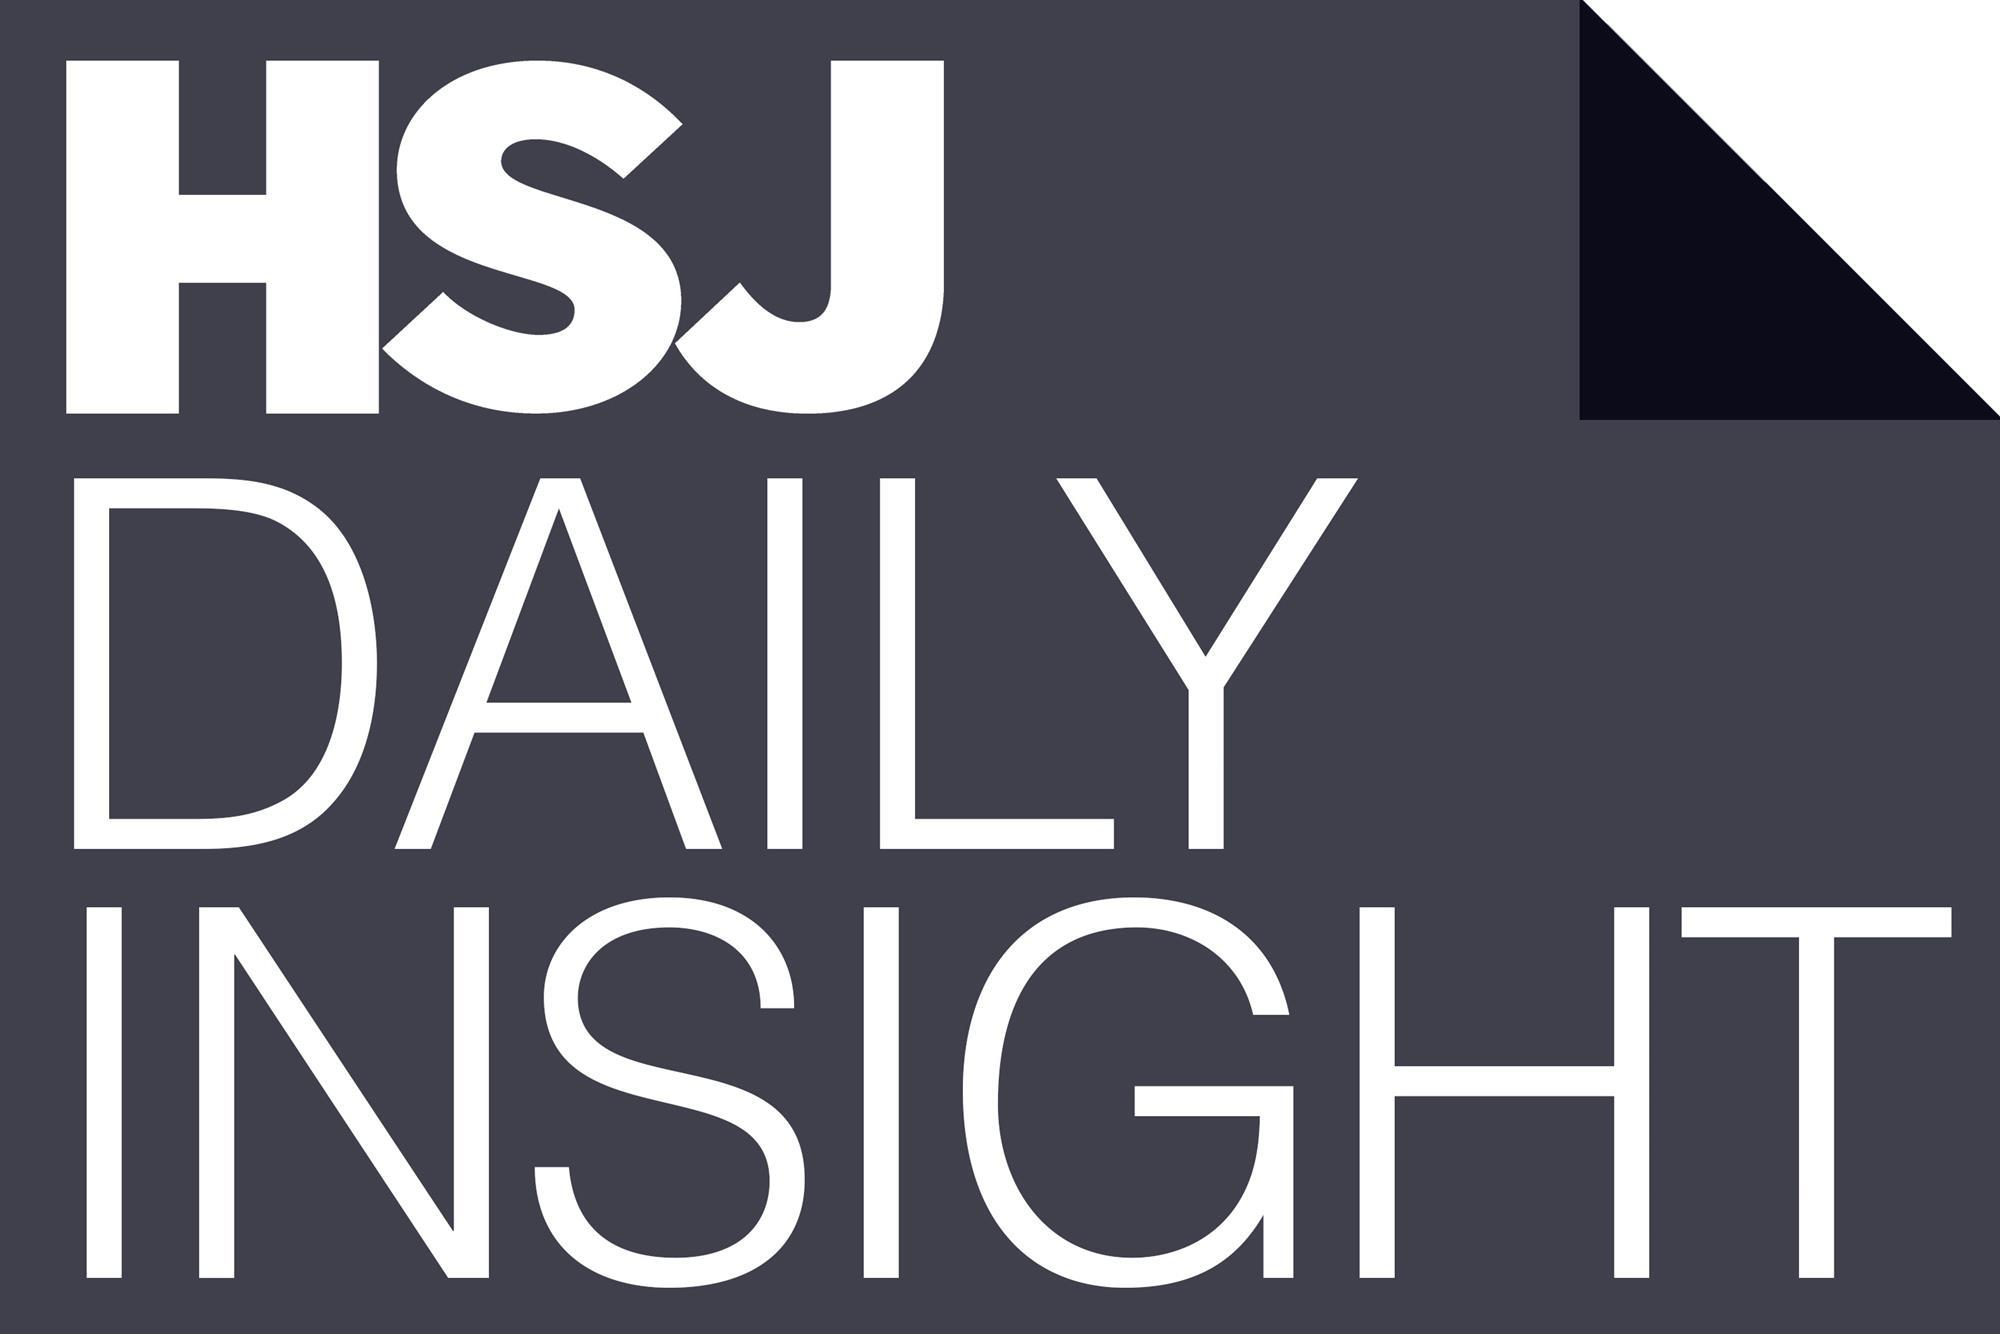 Daily Insight: Three strikes...